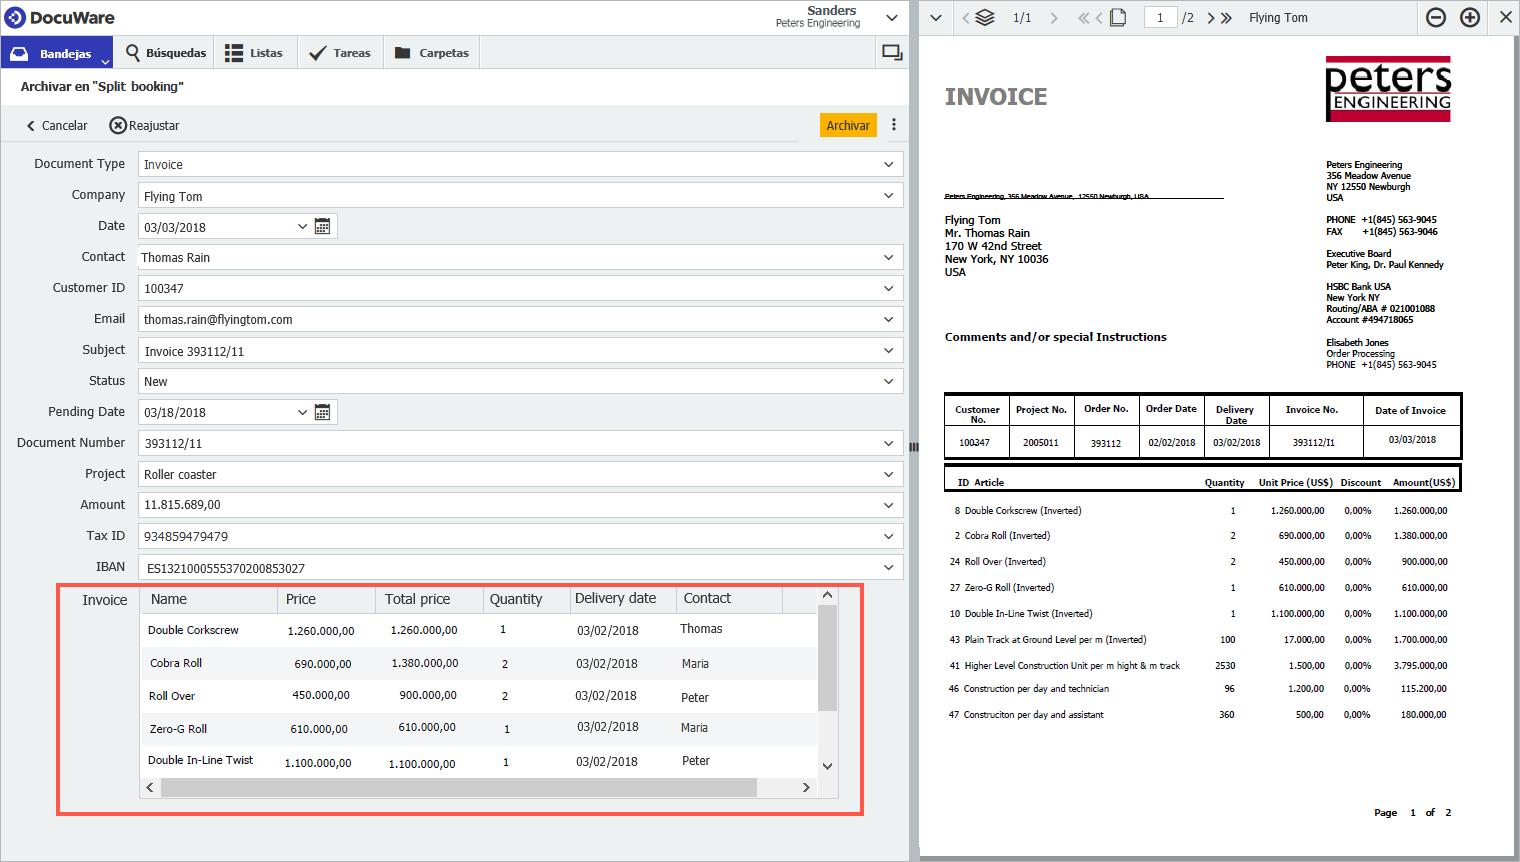 Tabelle für Splitrechnungs-Workflows einrichten_KL_2_64531_es